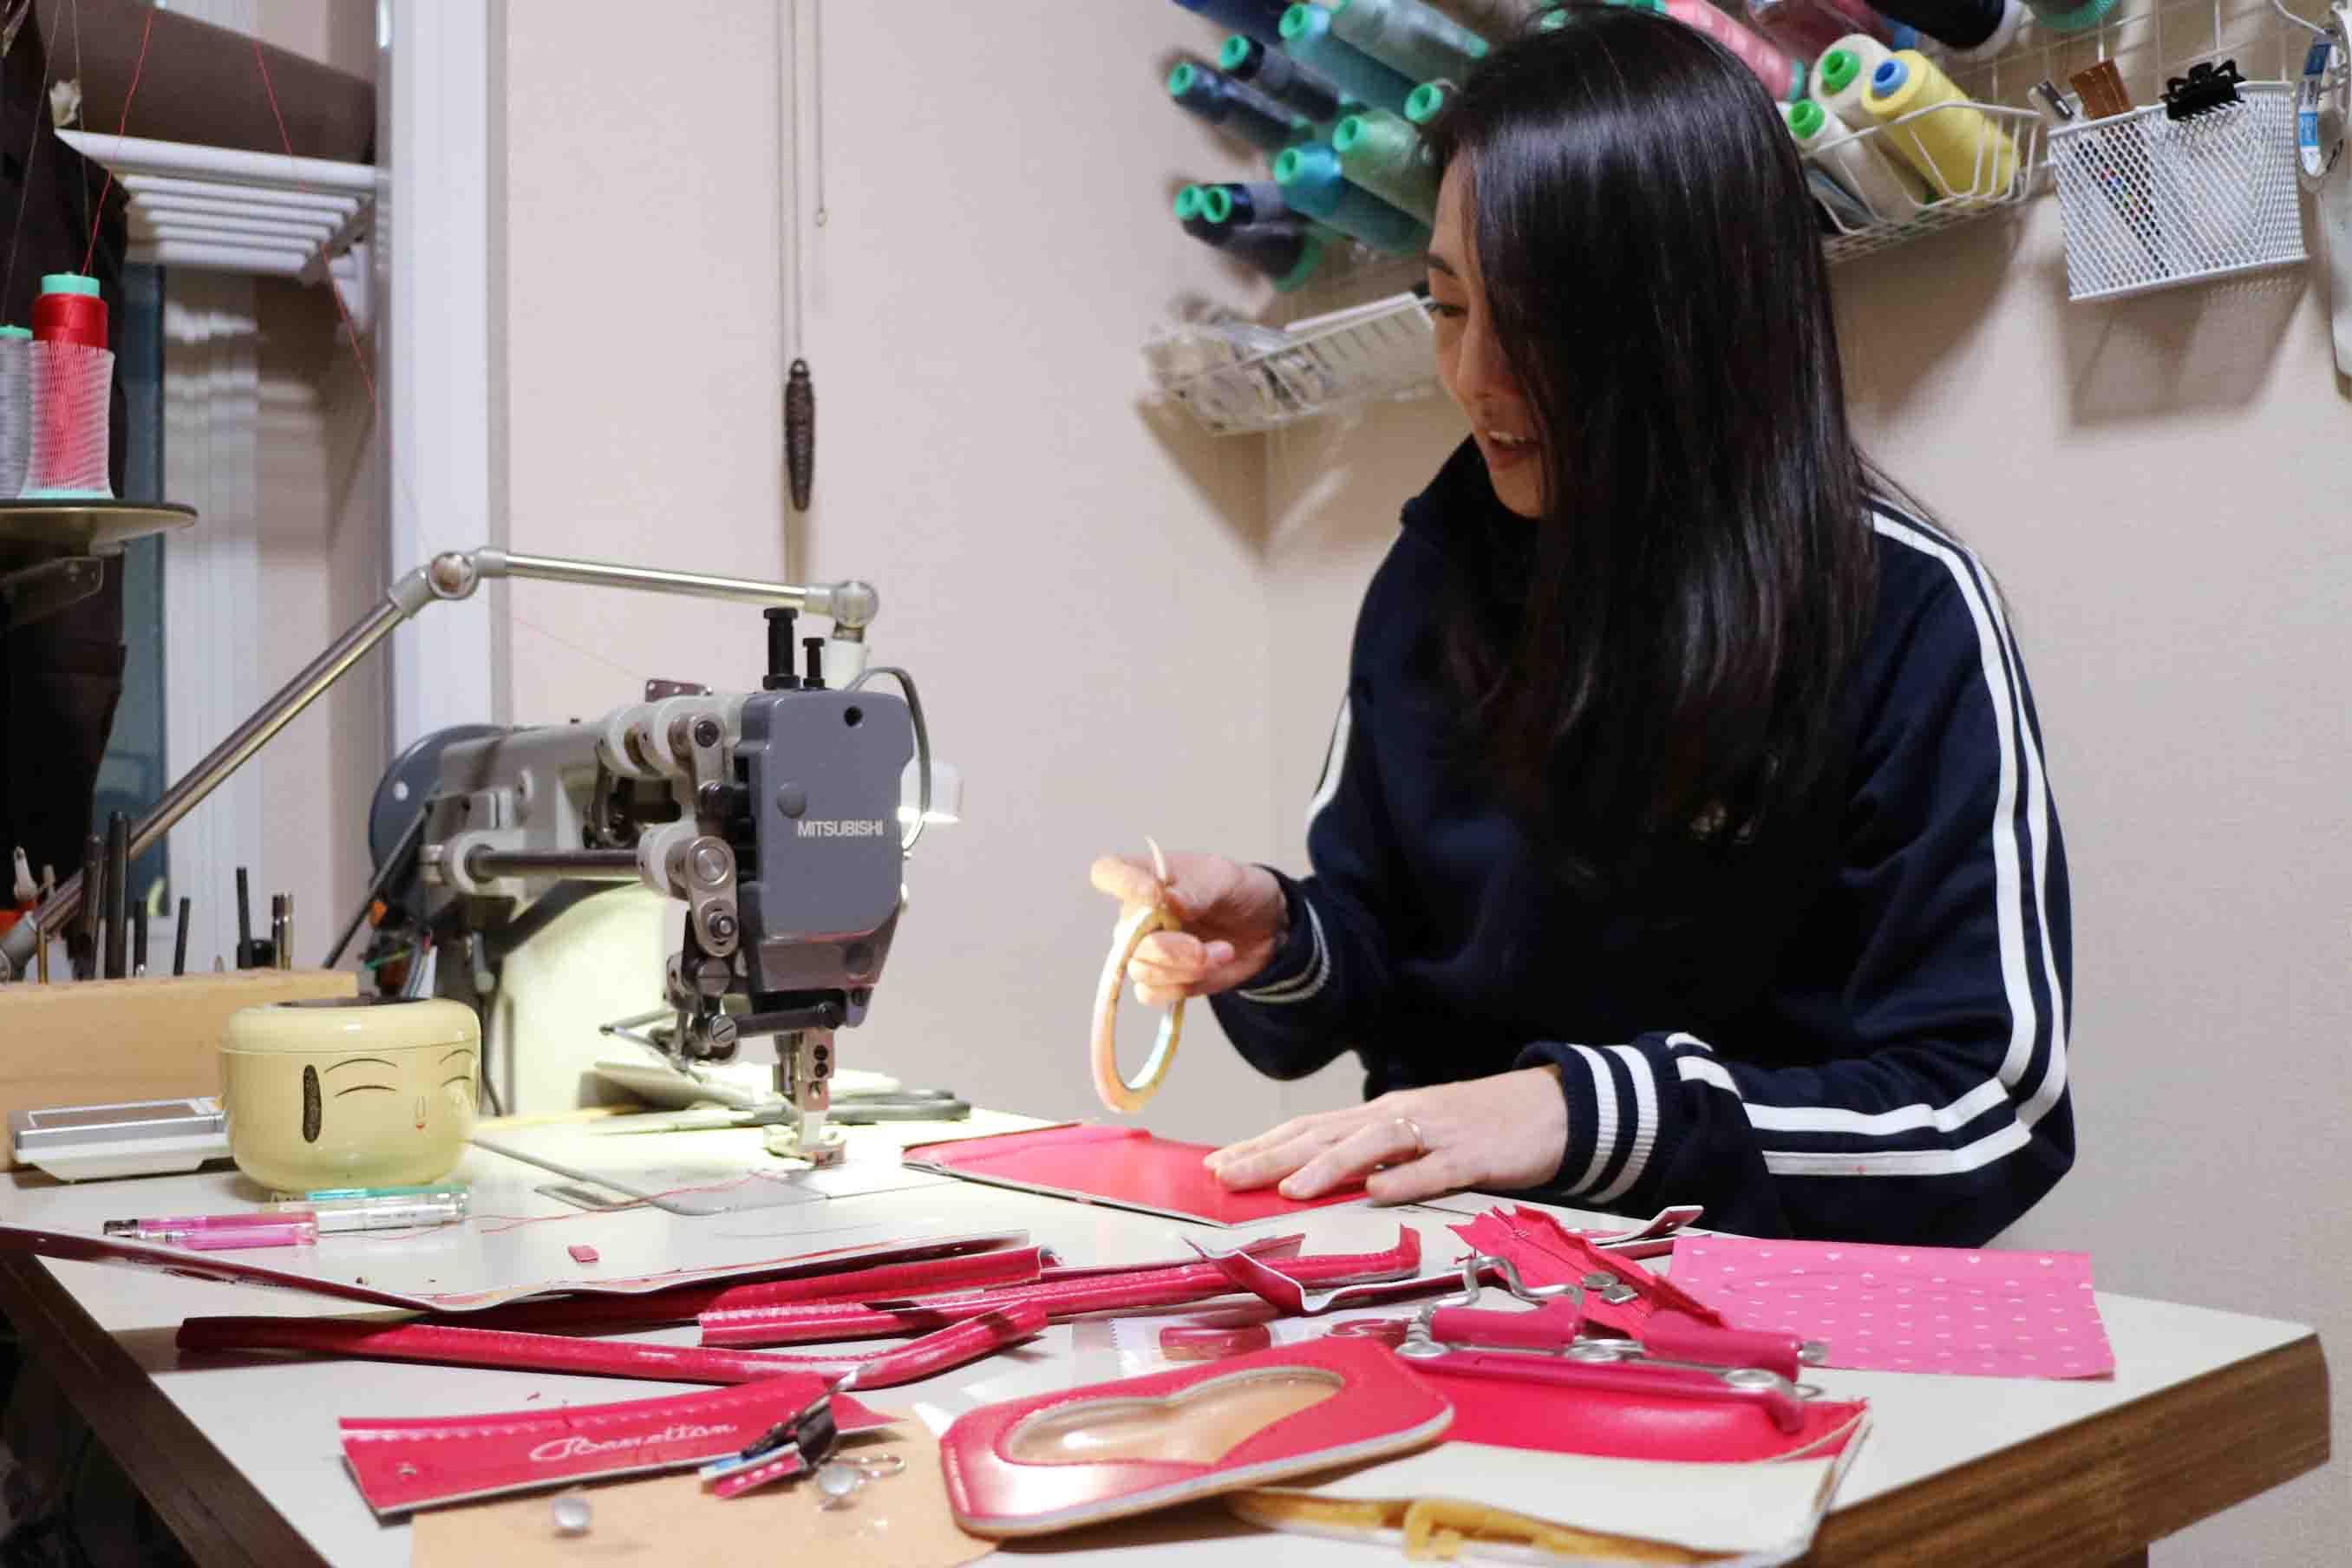 ミシンで縫い合わせる準備